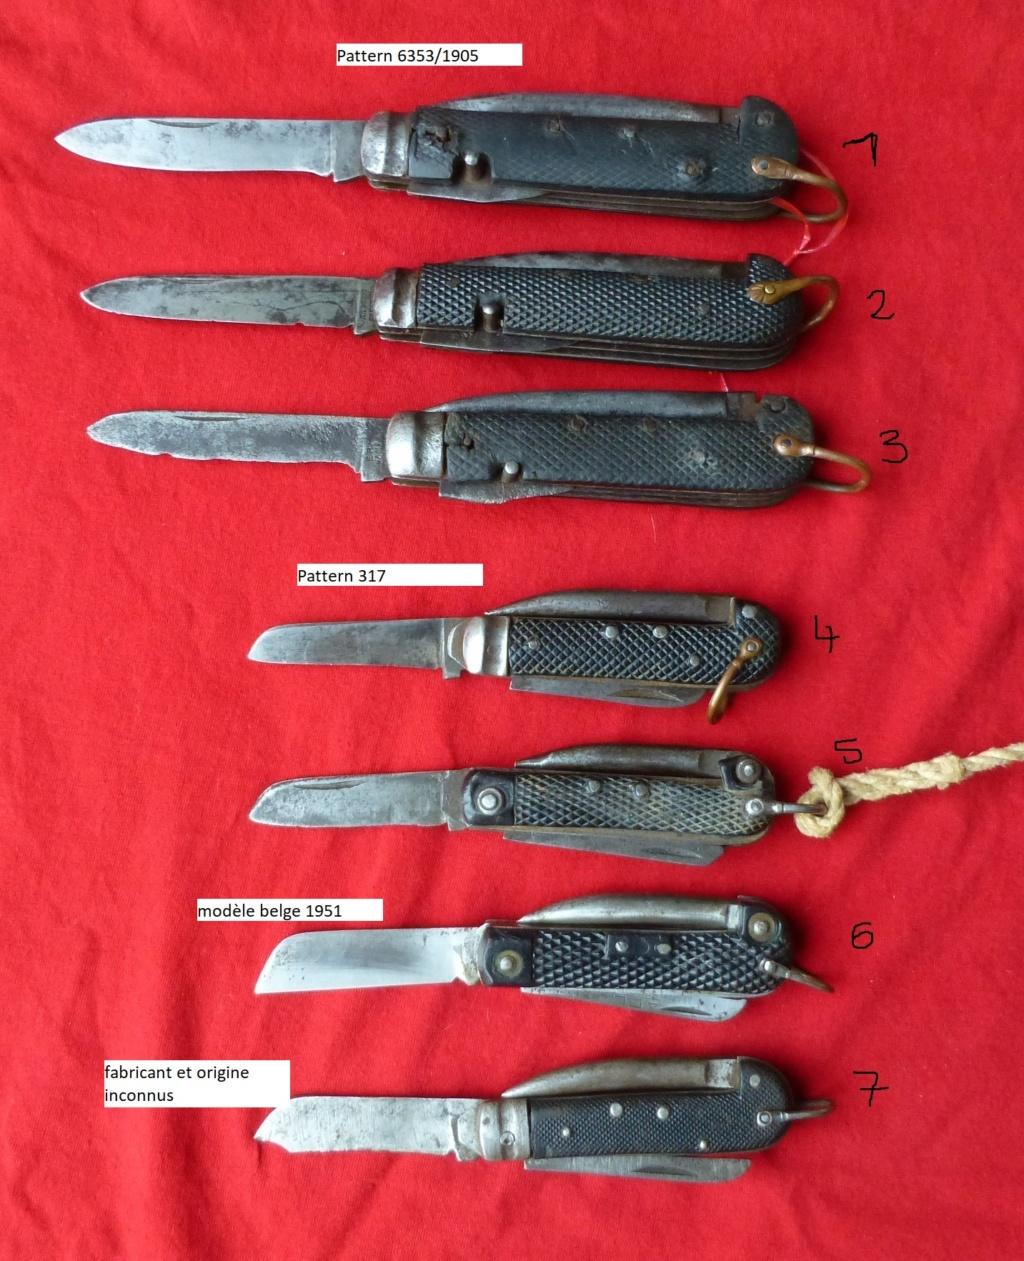 les couteaux pliants militaires. P1070750